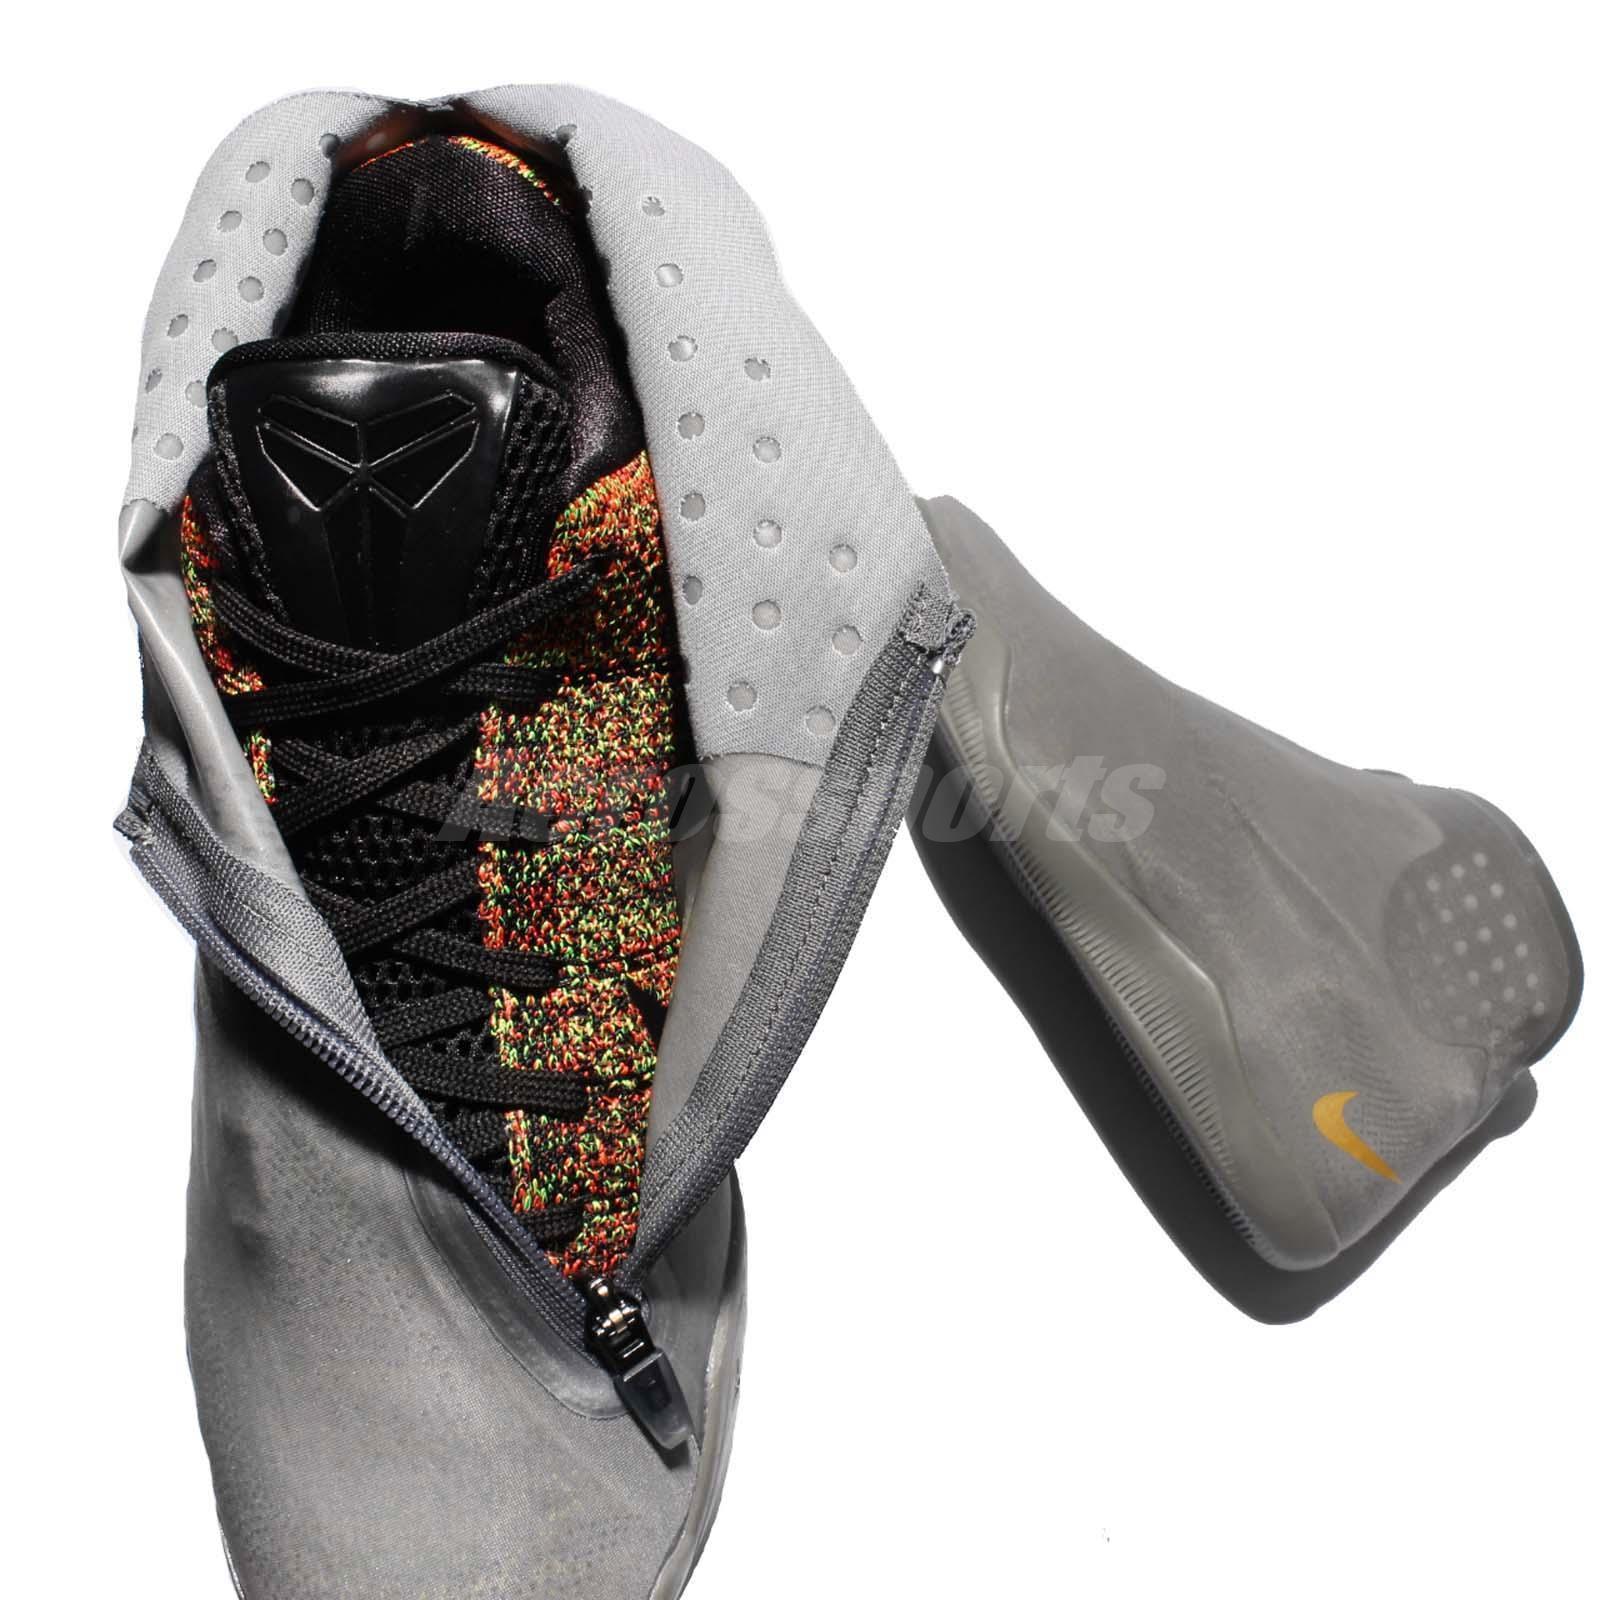 Nike Kobe 11 ALT - Unzipped - WearTesters